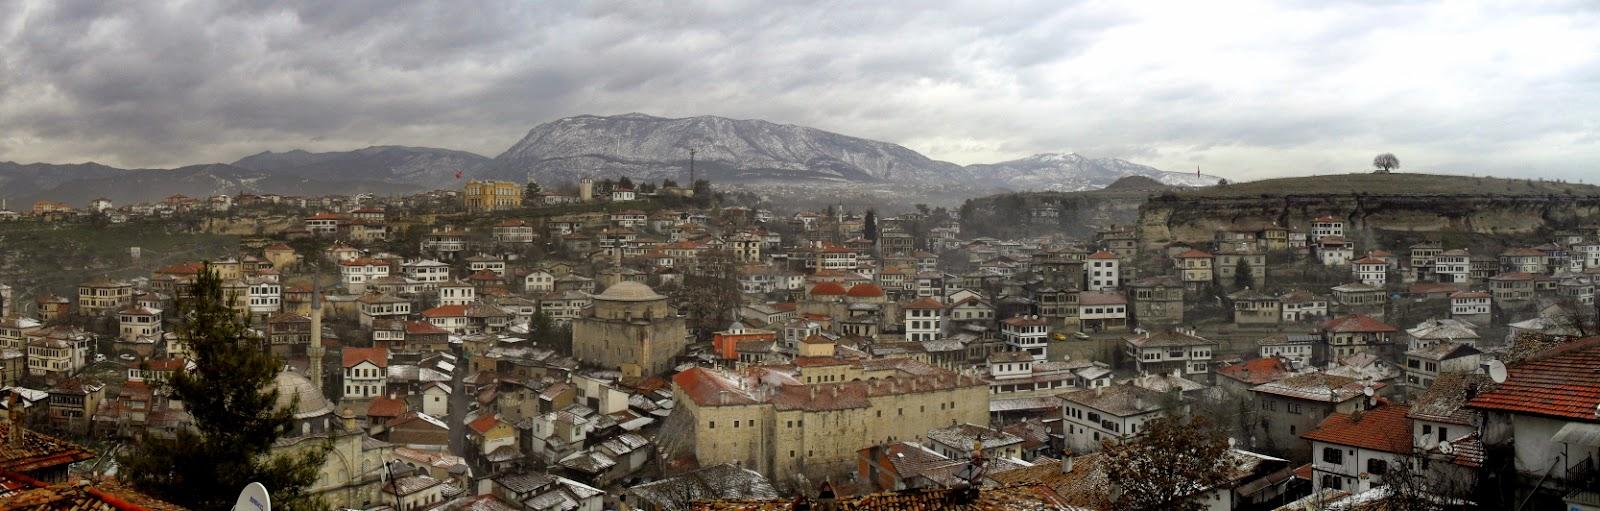 Safranbolu Hıdırlık Tepesi